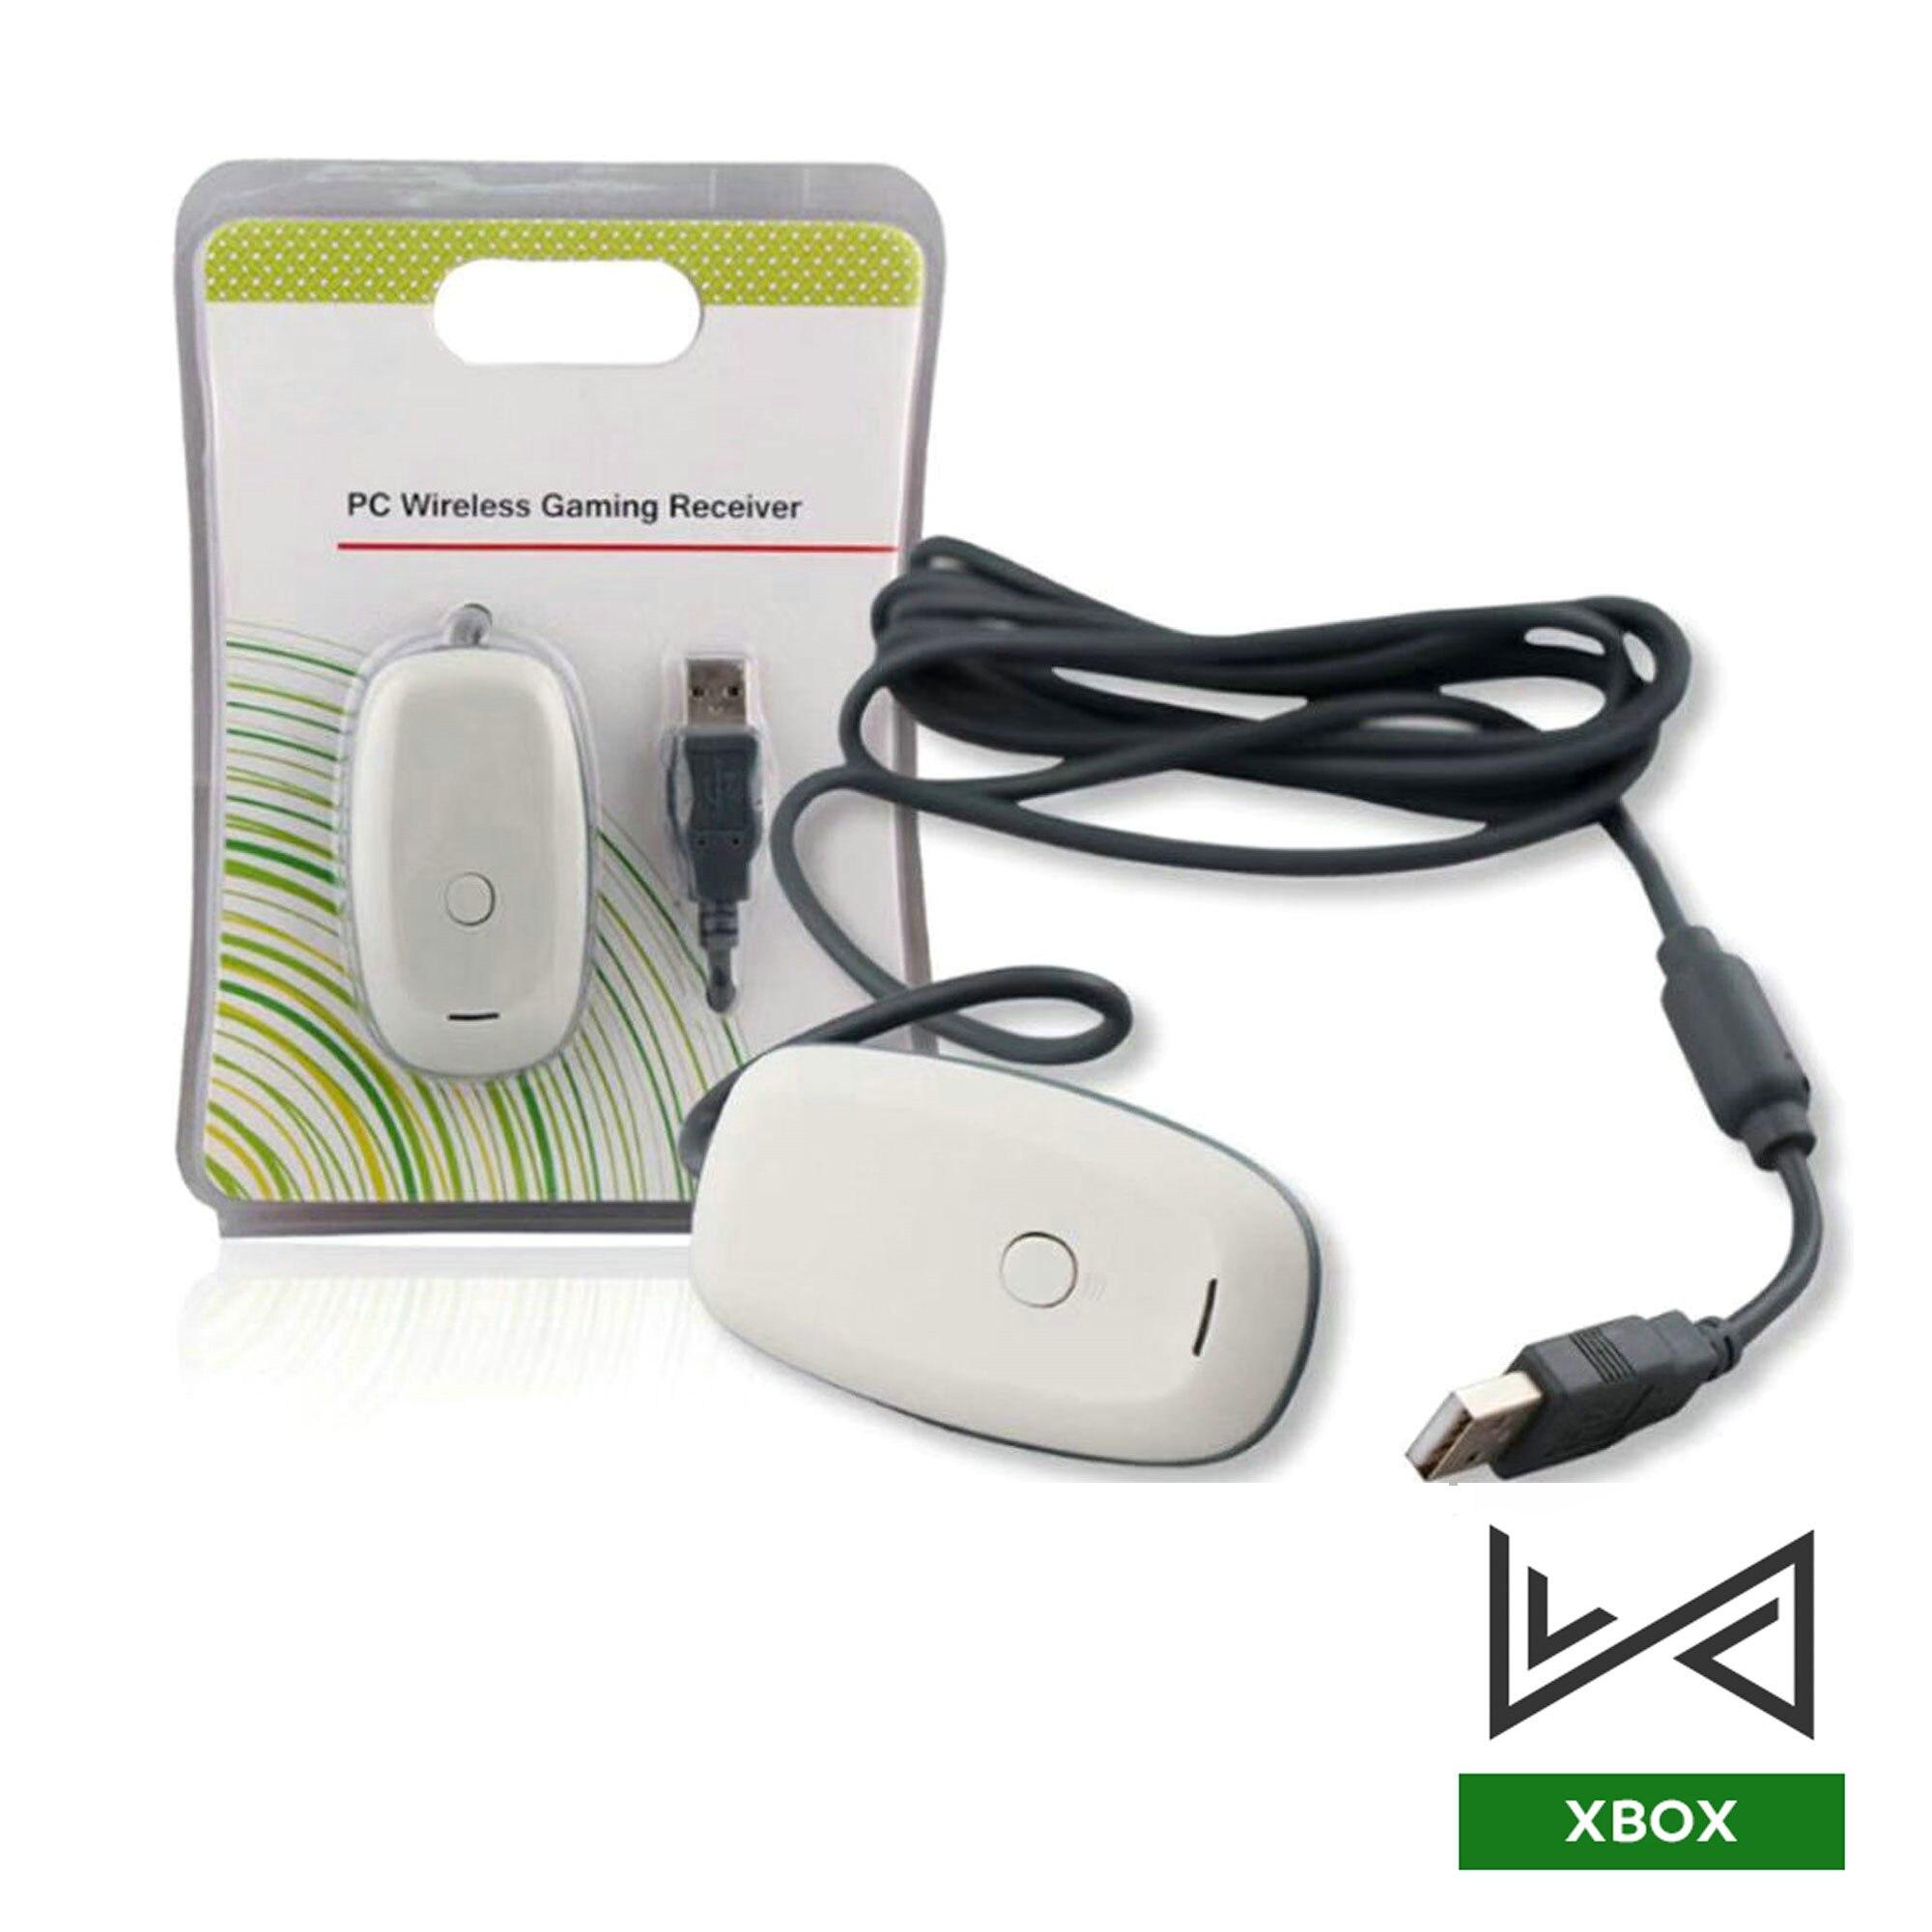 Игровой приемник для беспроводного контроллера Xbox360, USB-адаптер для ПК с поддержкой Windows